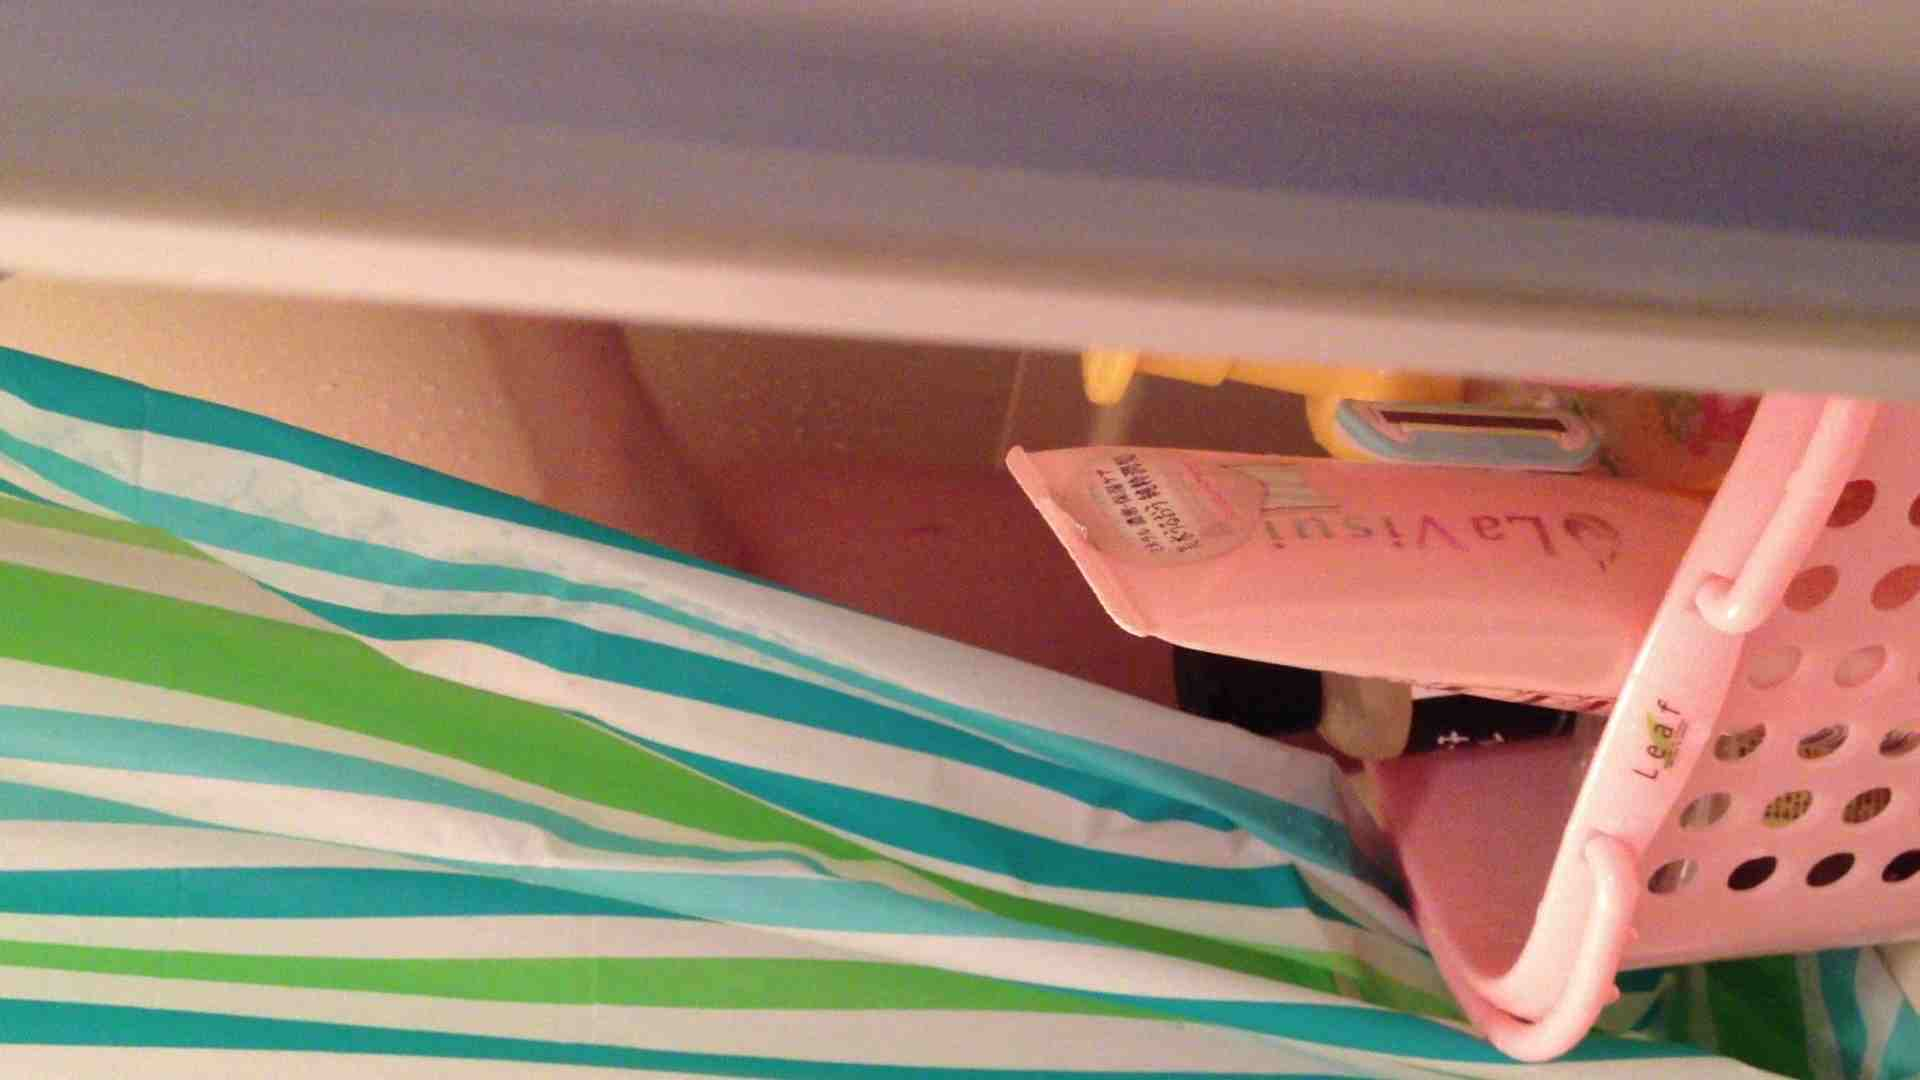 16(16日目)シャワー中にムダ毛処理をする彼女 パイパン映像  100pic 63